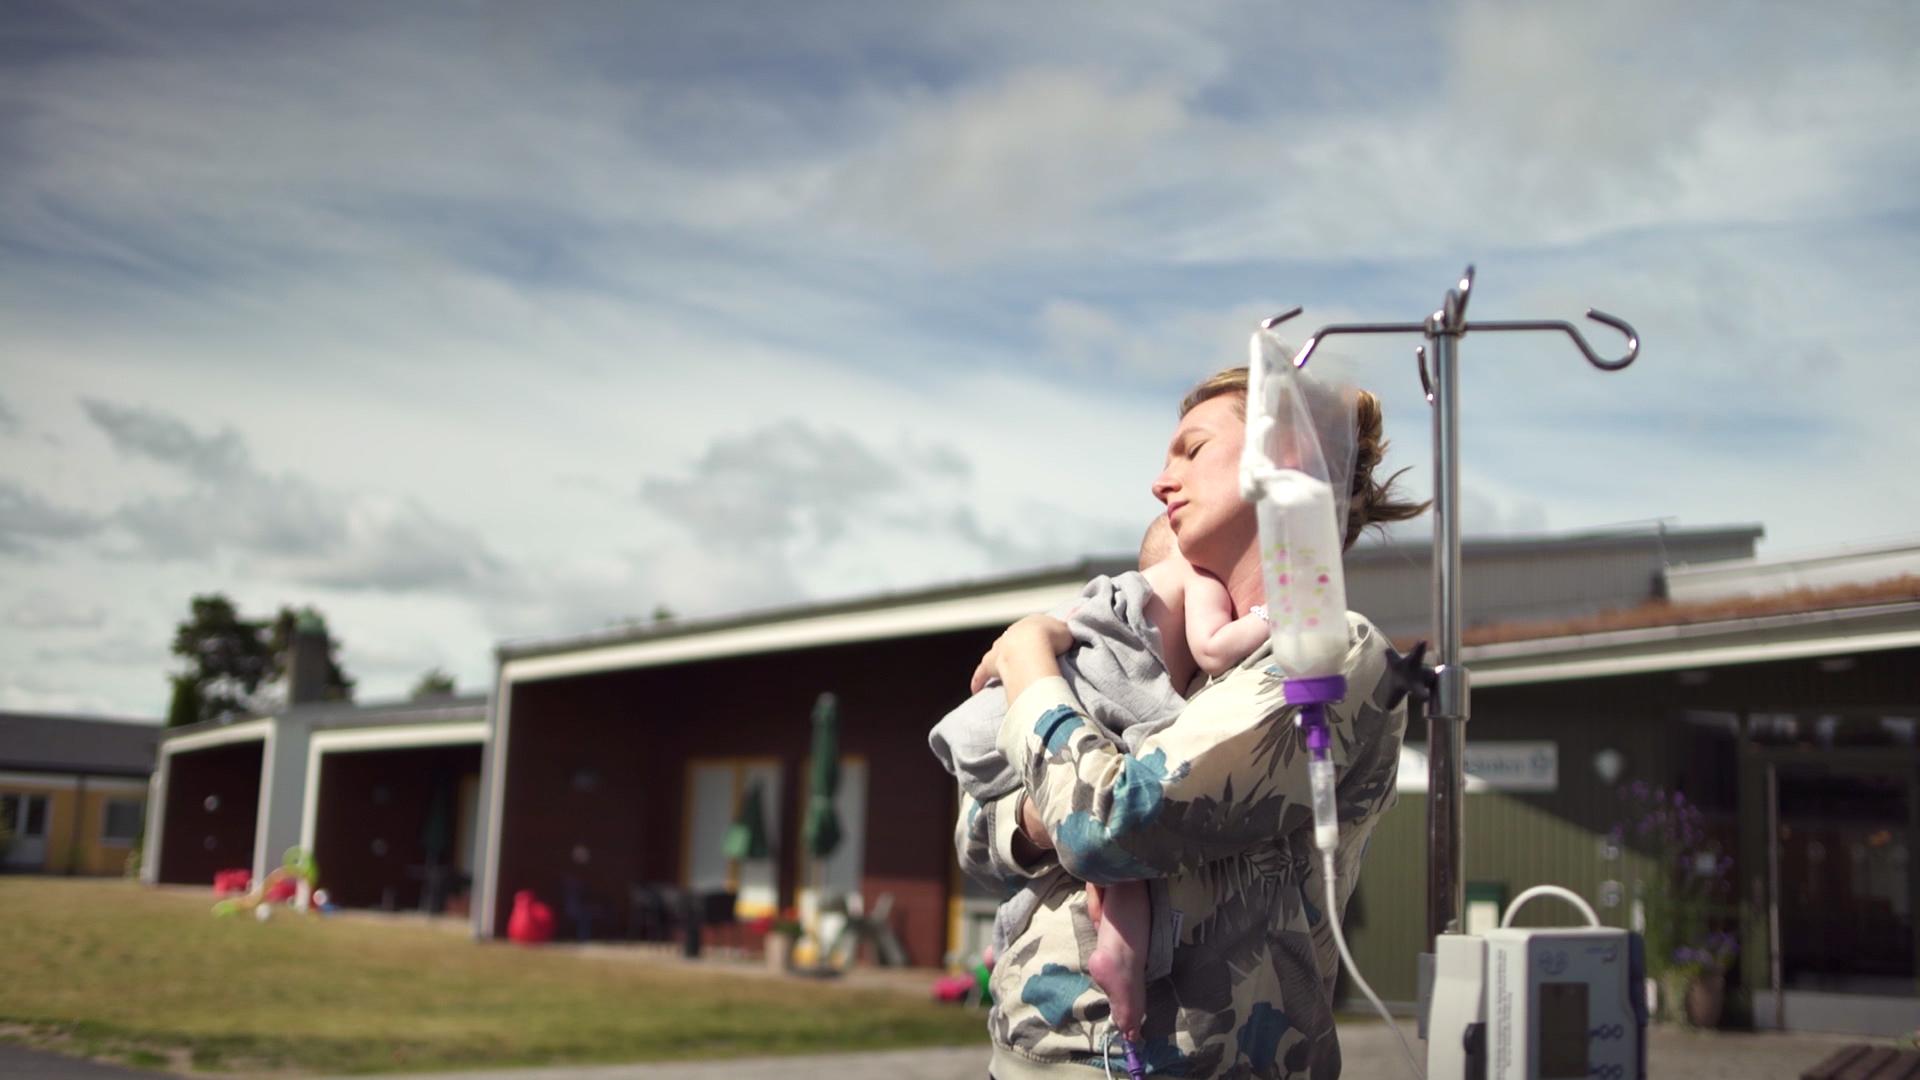 Mamma Maja håller bebisen Roj i famnen framför ett hus. I förgrunden syns Rojs droppställning.